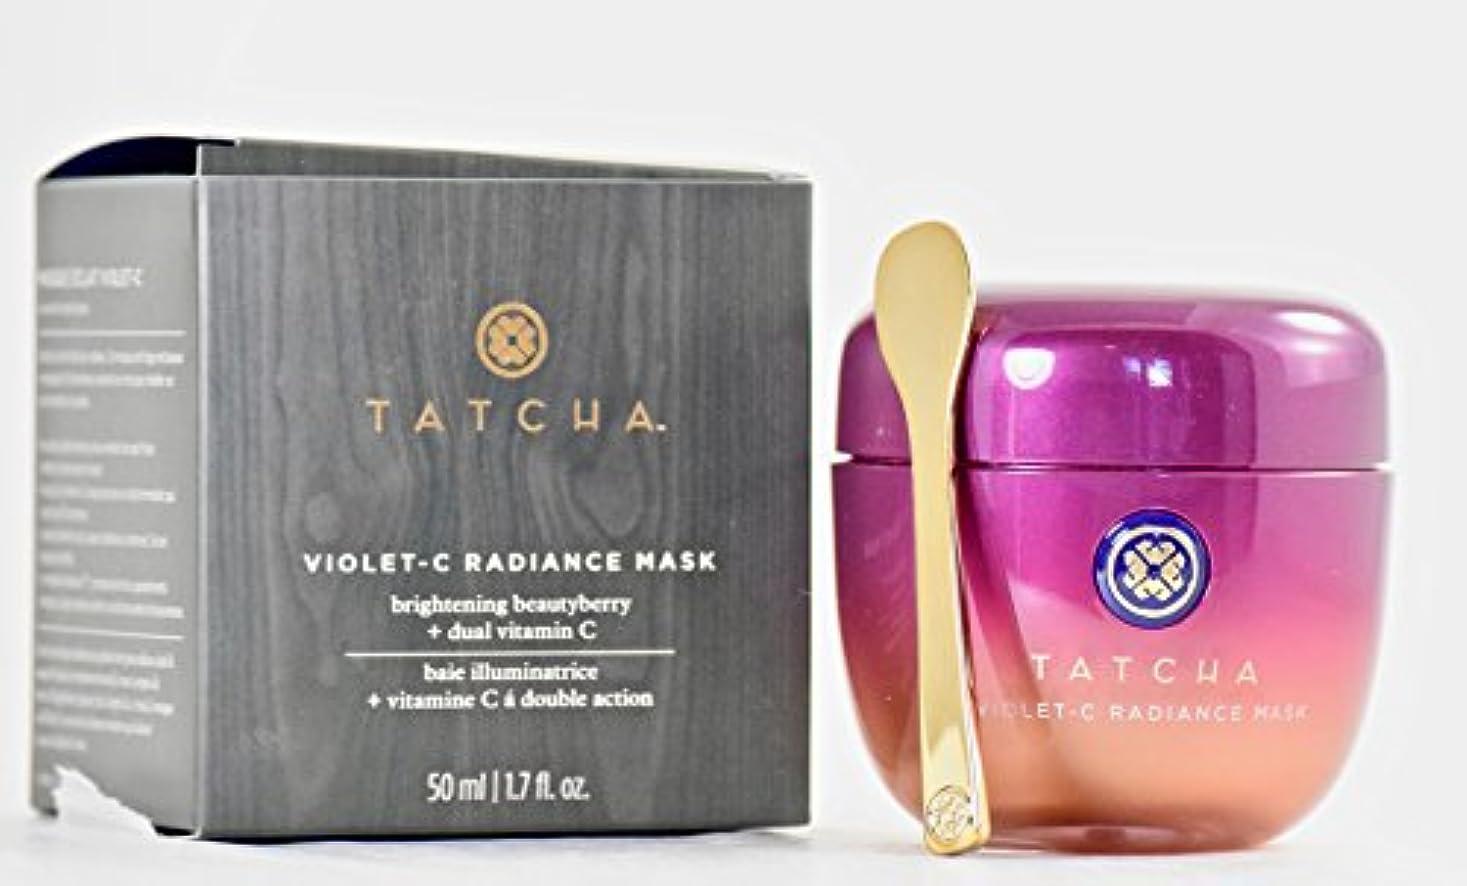 ペストリー追加楽しいTATCHA Violet-C radiance mask タチャ バイオレット C ラディアンス マスク 50ml